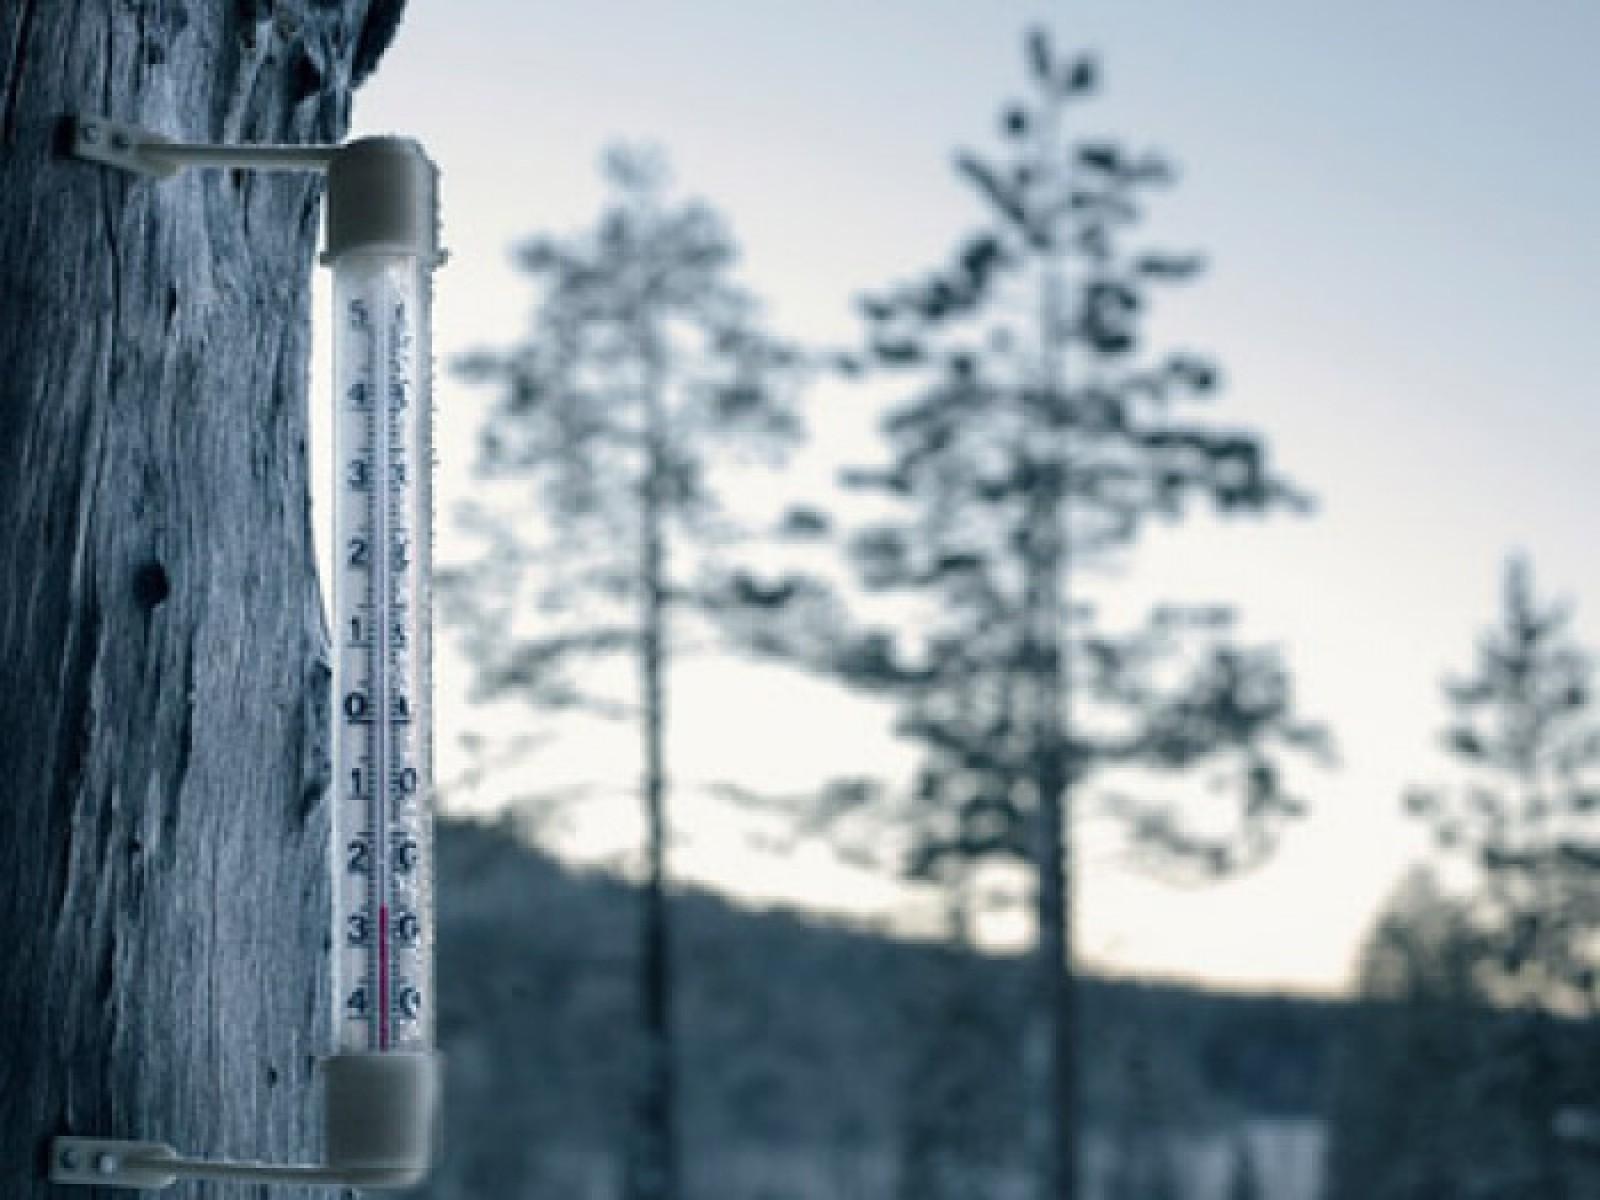 Vreme geroasă, dar fără zăpadă: Ce prognozează specialiștii în următoarea săptămână